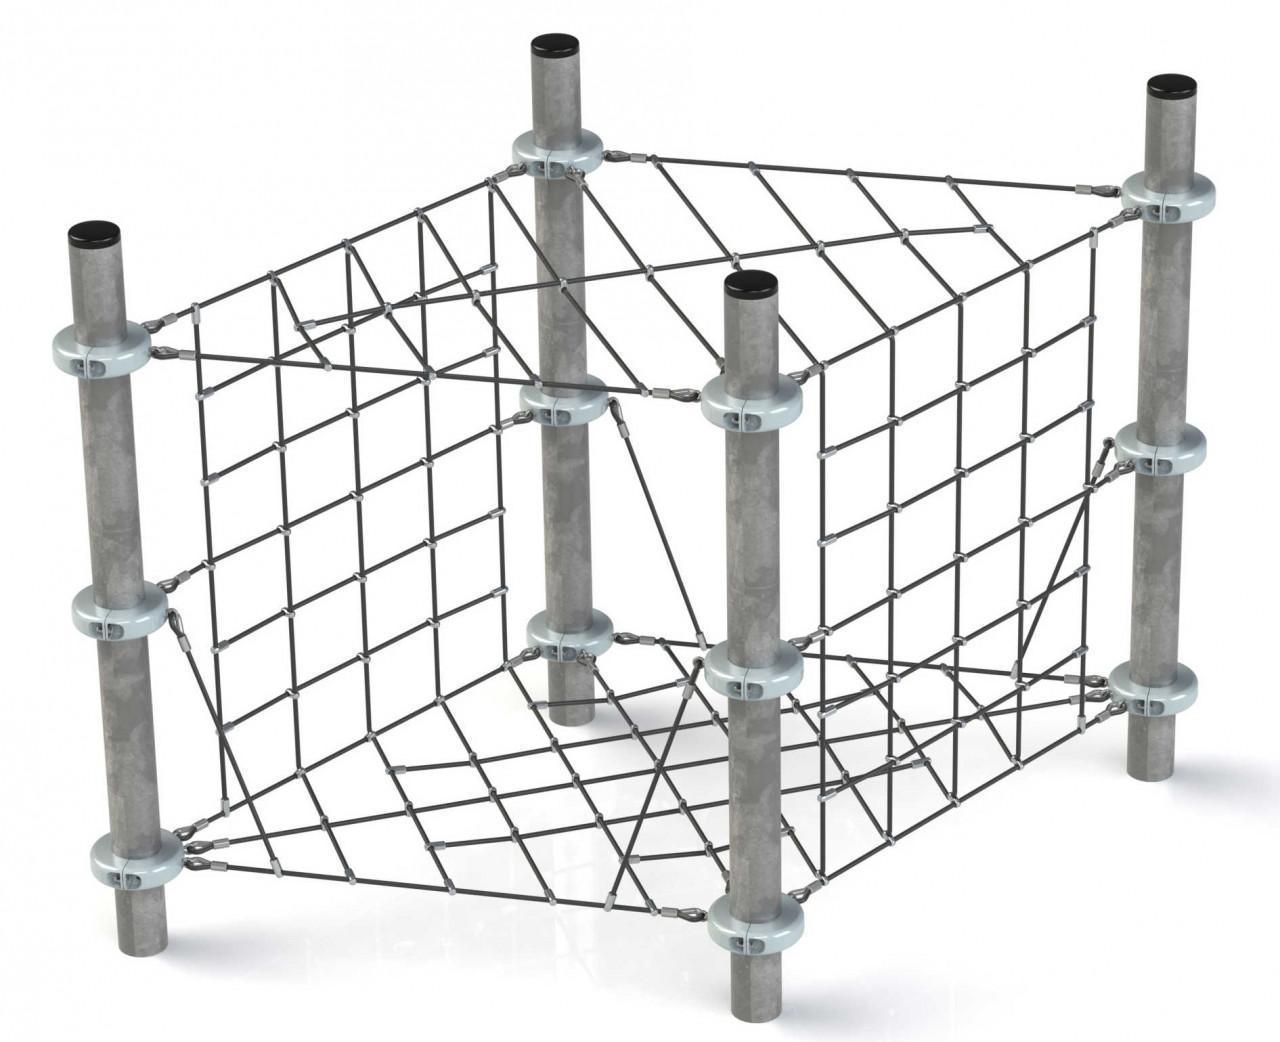 Klettergerüst Kletternetz Cube für Kinder Spielplätze nach DIN EN 1176